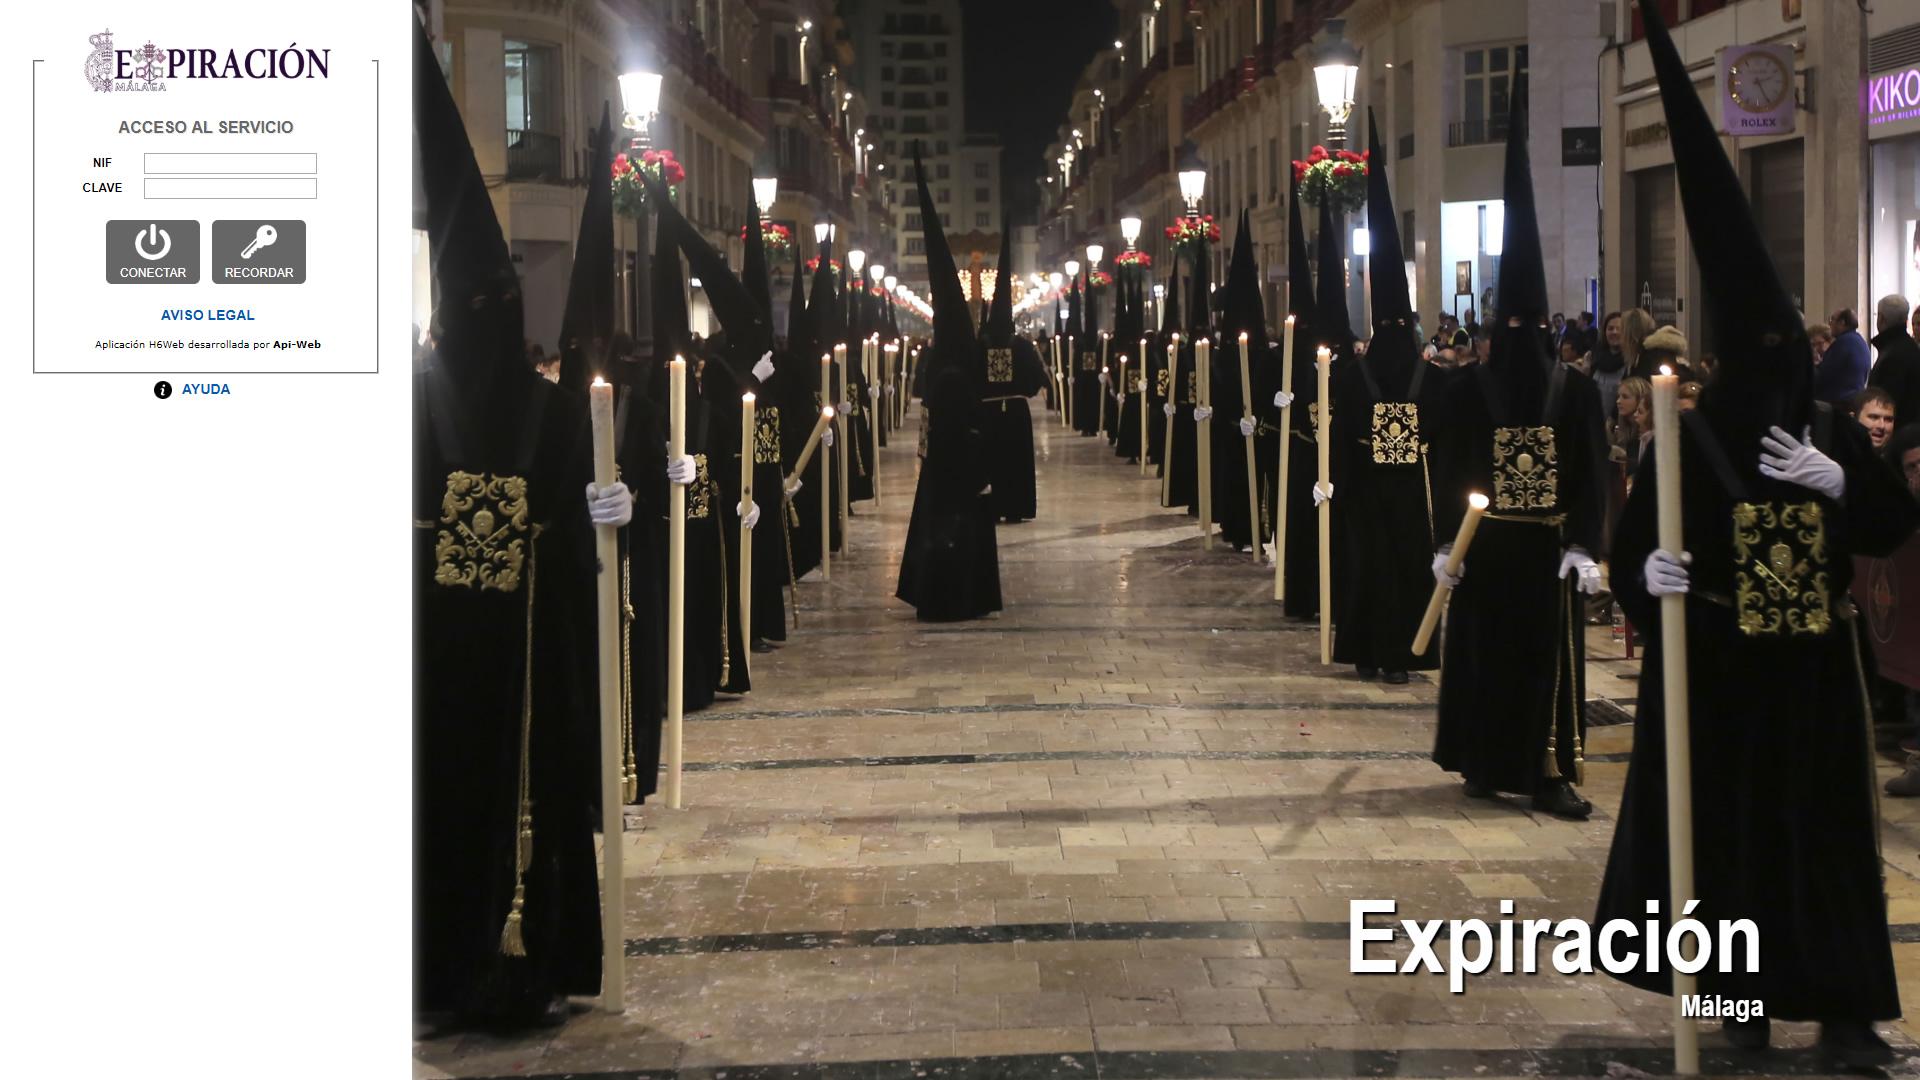 Archicofradía de la Expiración Málaga